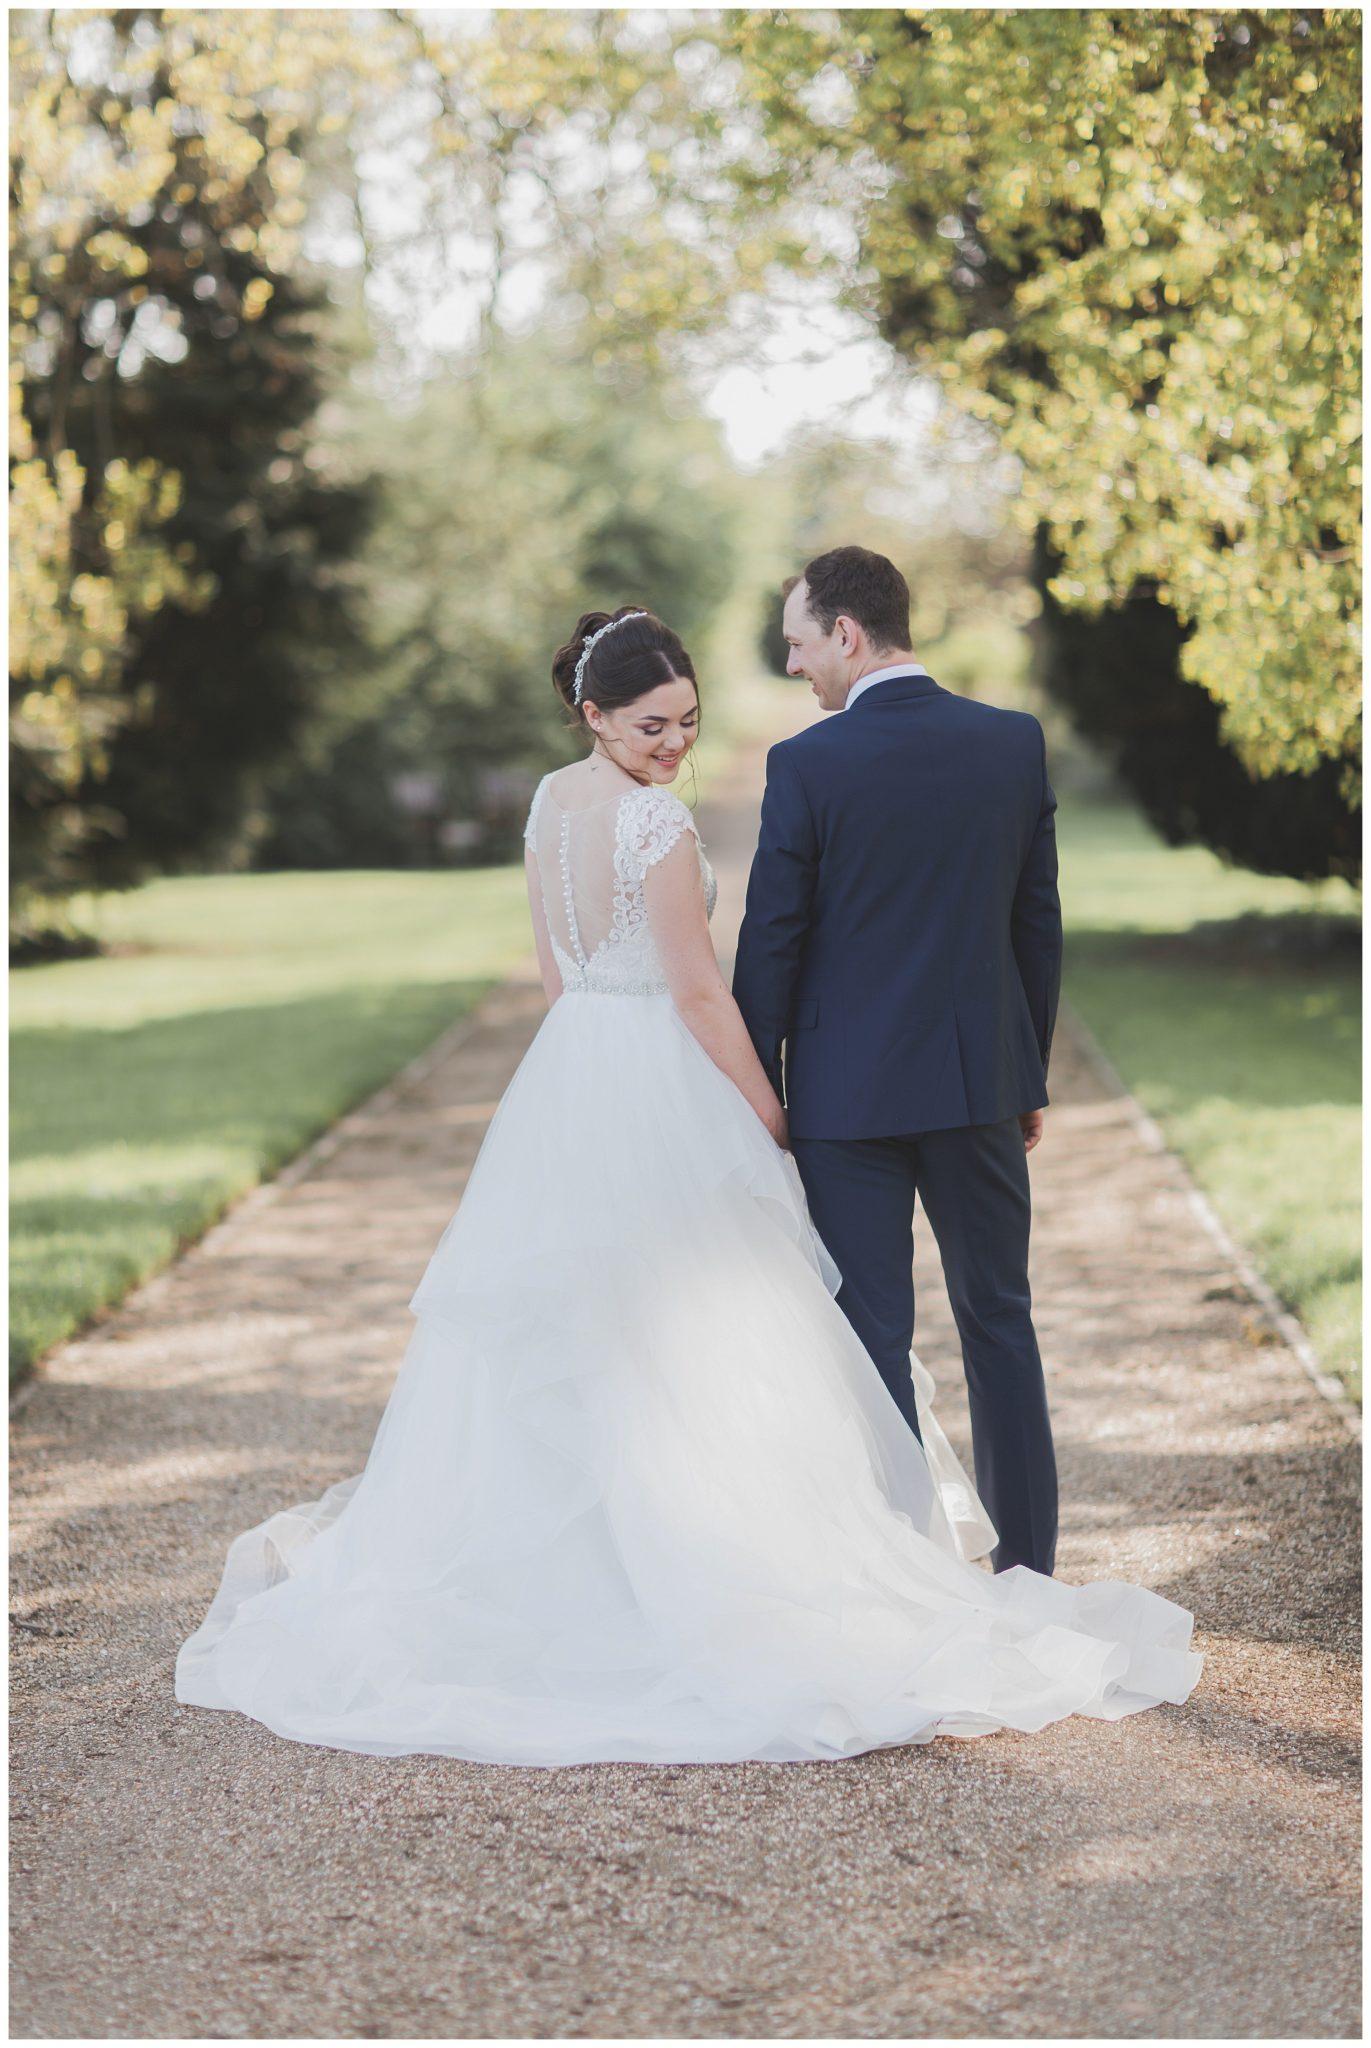 Bride looking over her shoulder smiling